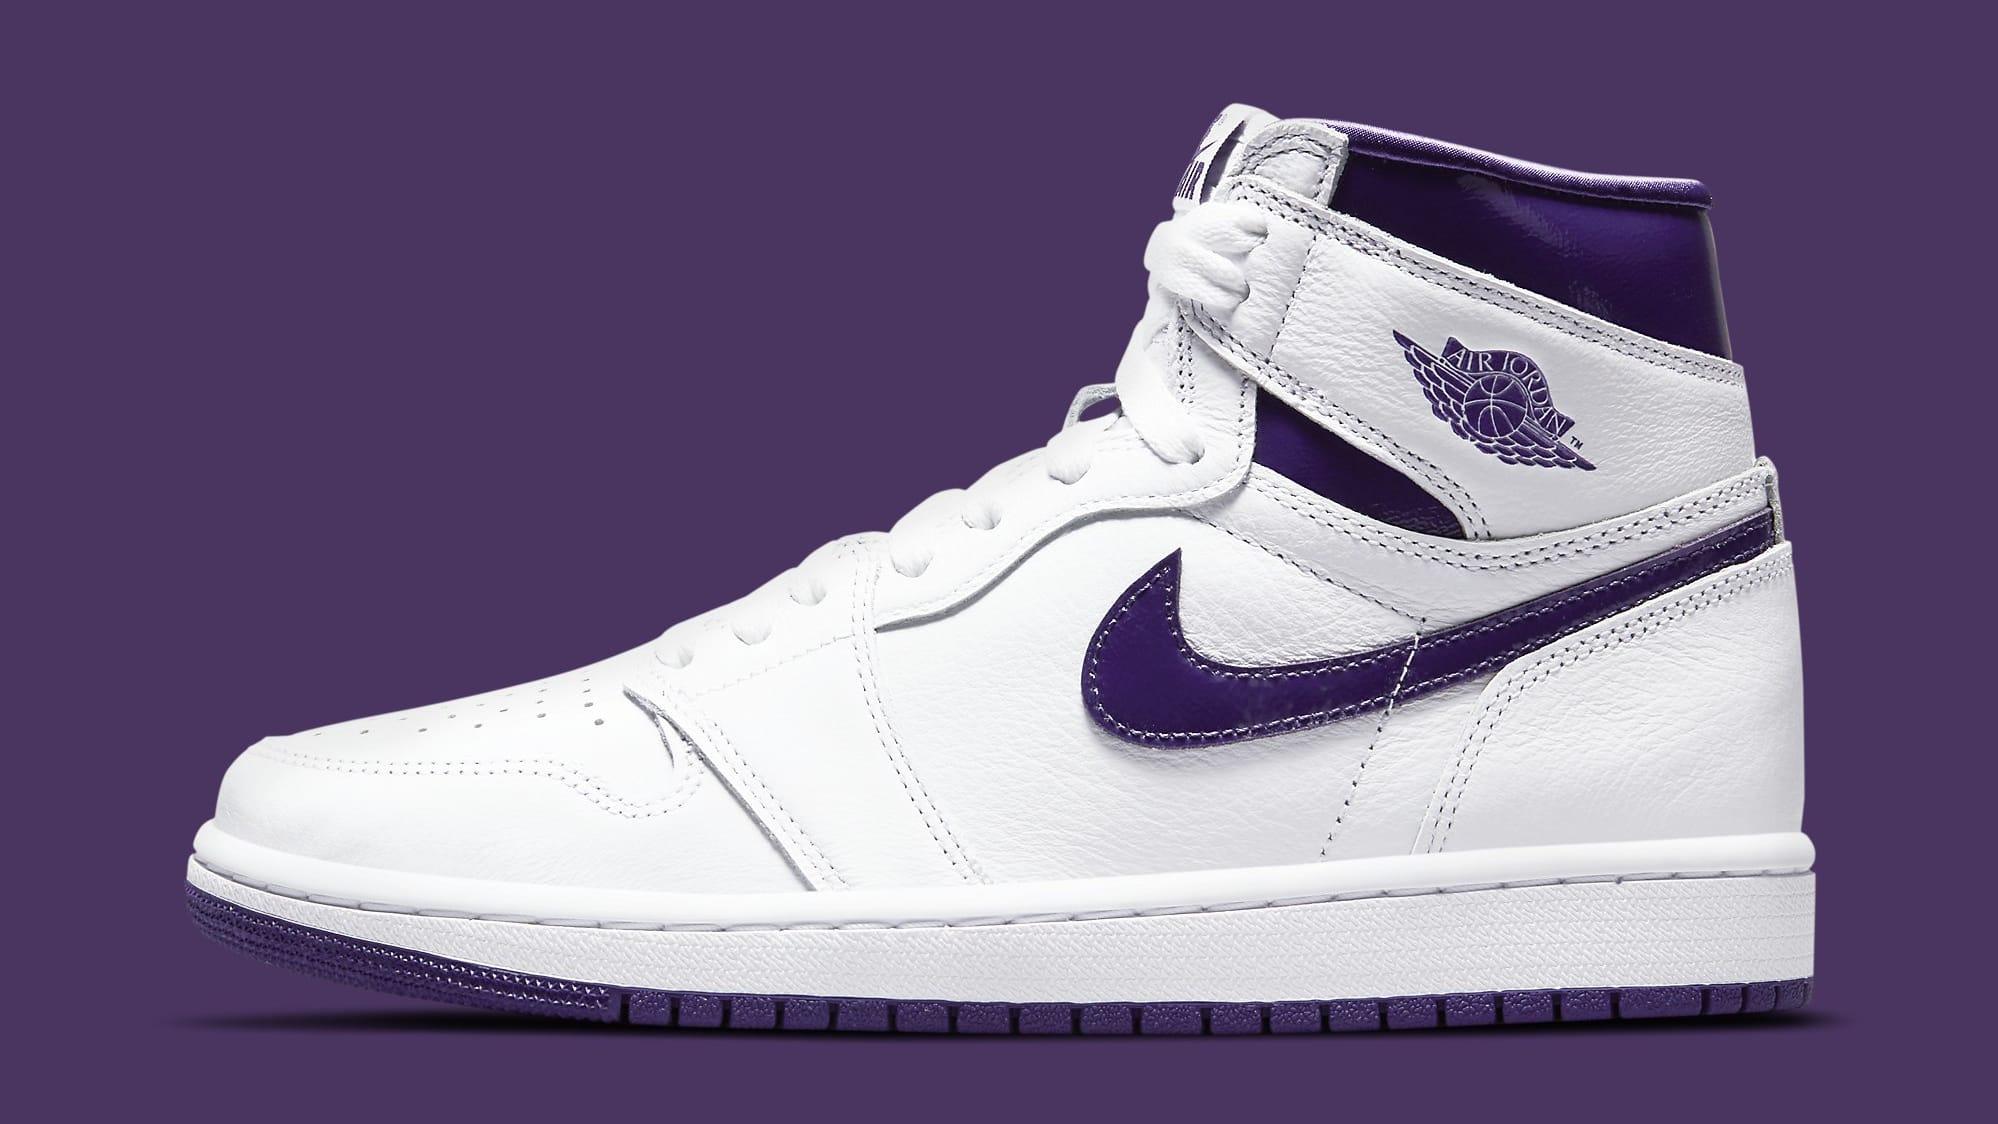 Air Jordan 1 Retro High OG Women's 'Court Purple' CD0461-151 Lateral